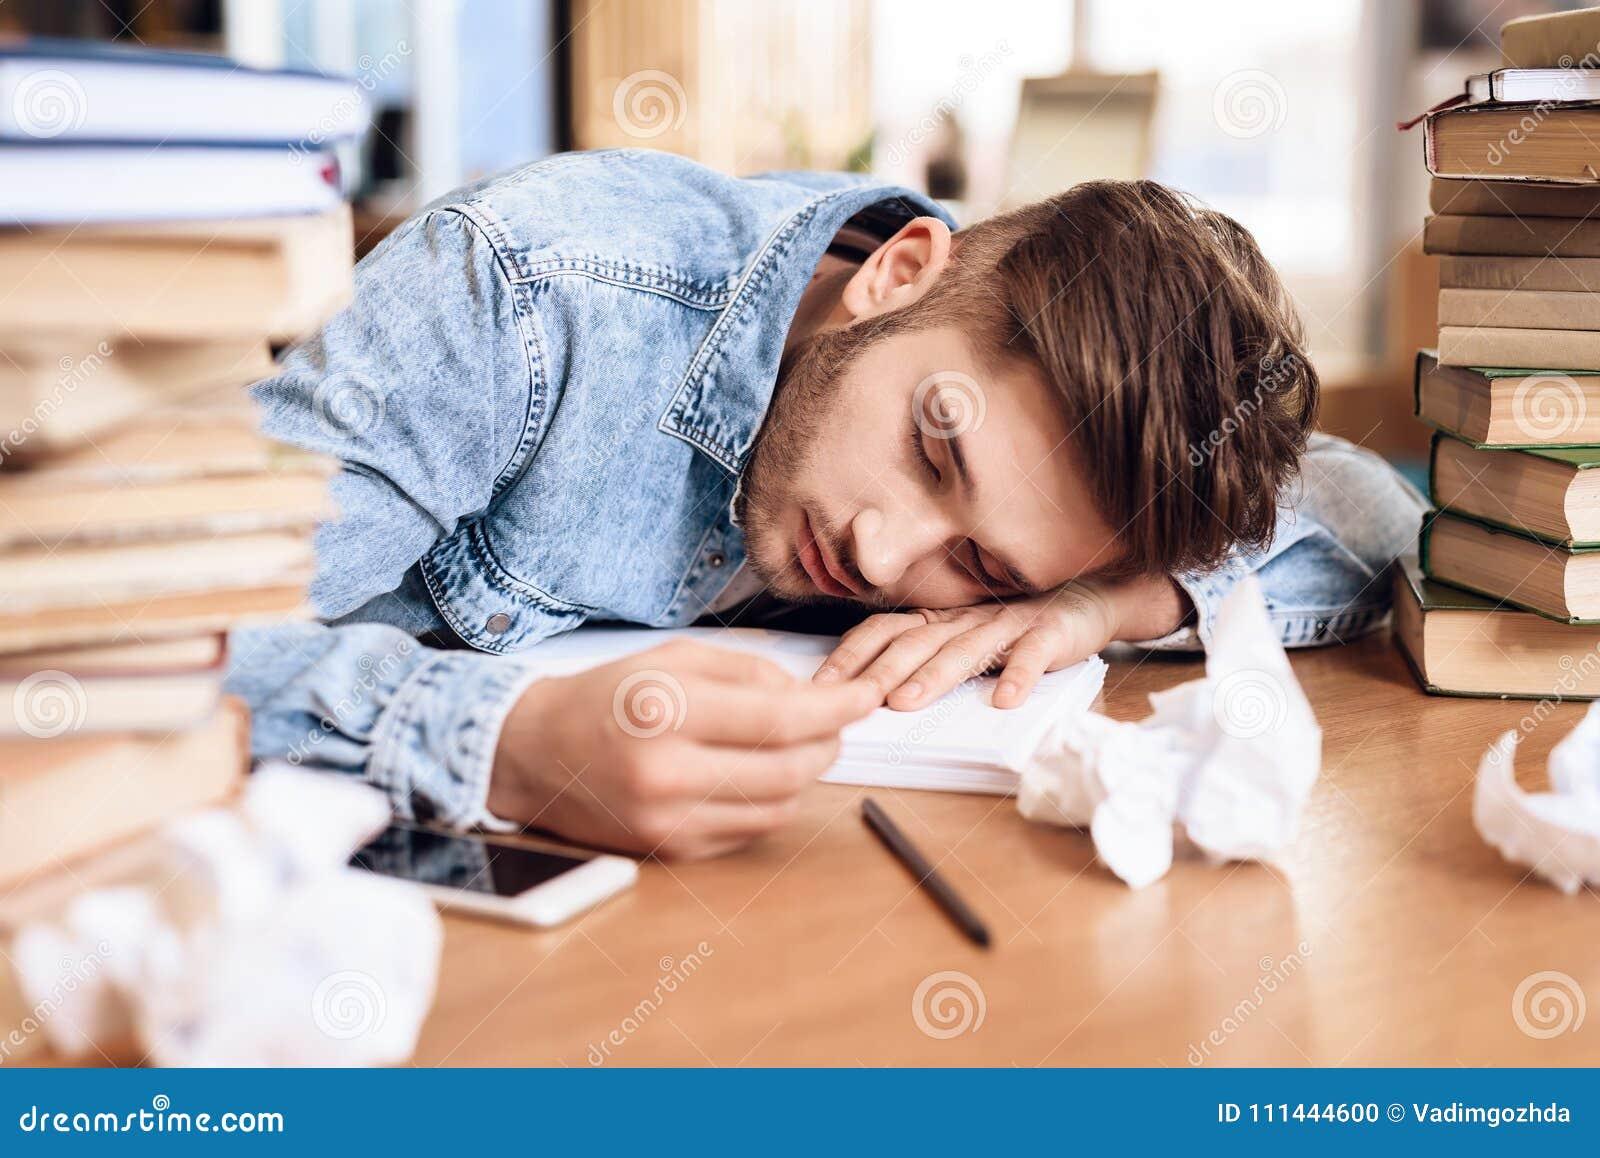 Hombre rodeado por Freelancer libros que duerme el los en del escritorio rFwqr